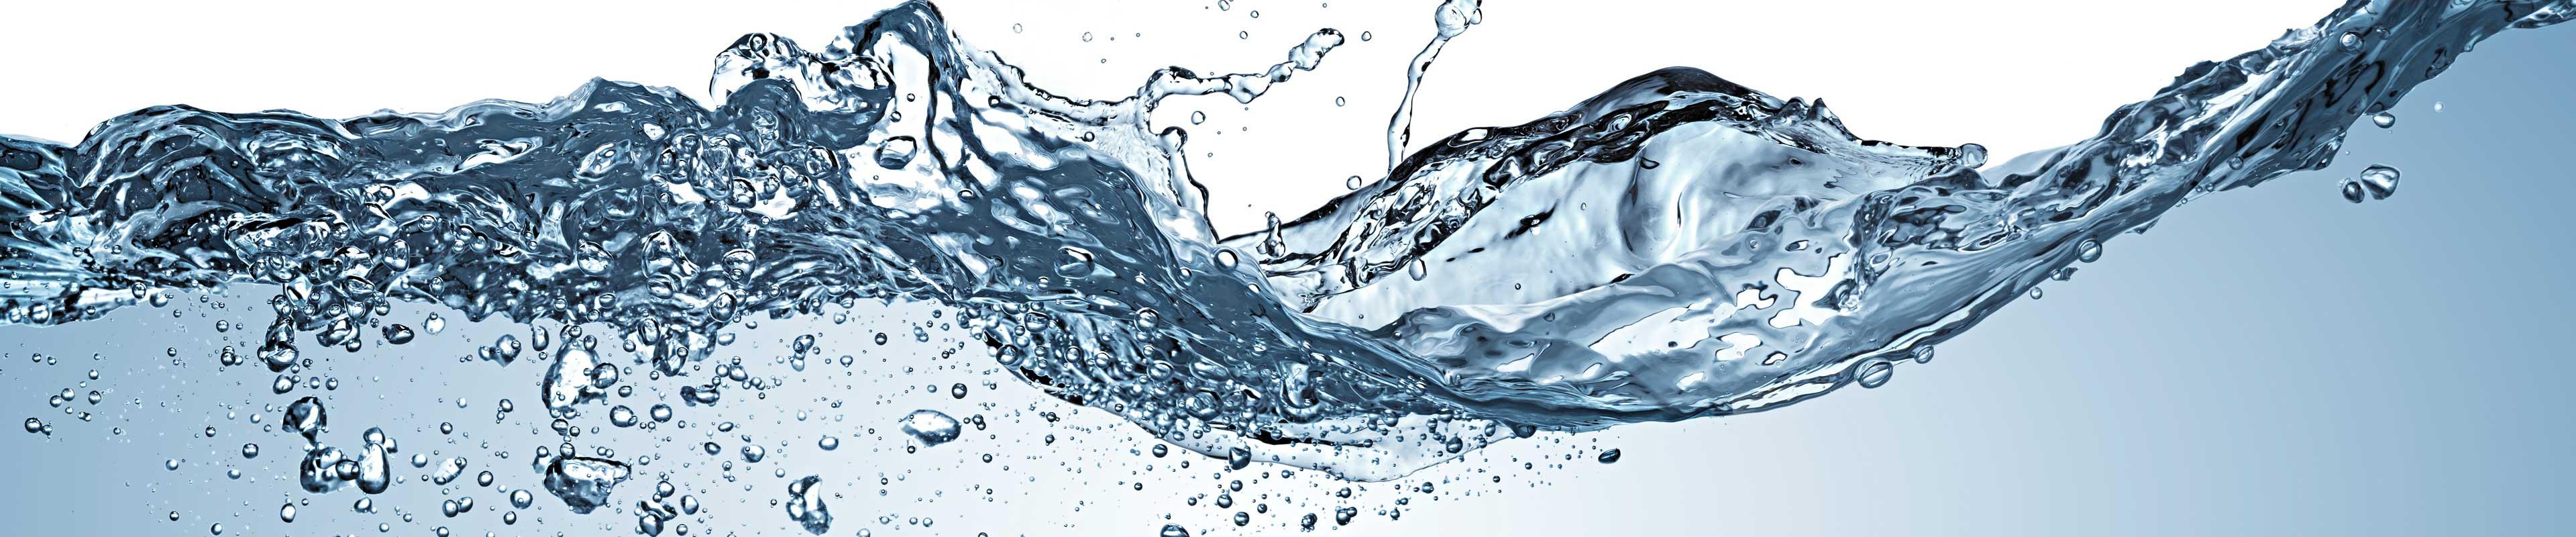 Mark-E produziert das frische Nass in 2 Wasserwerken